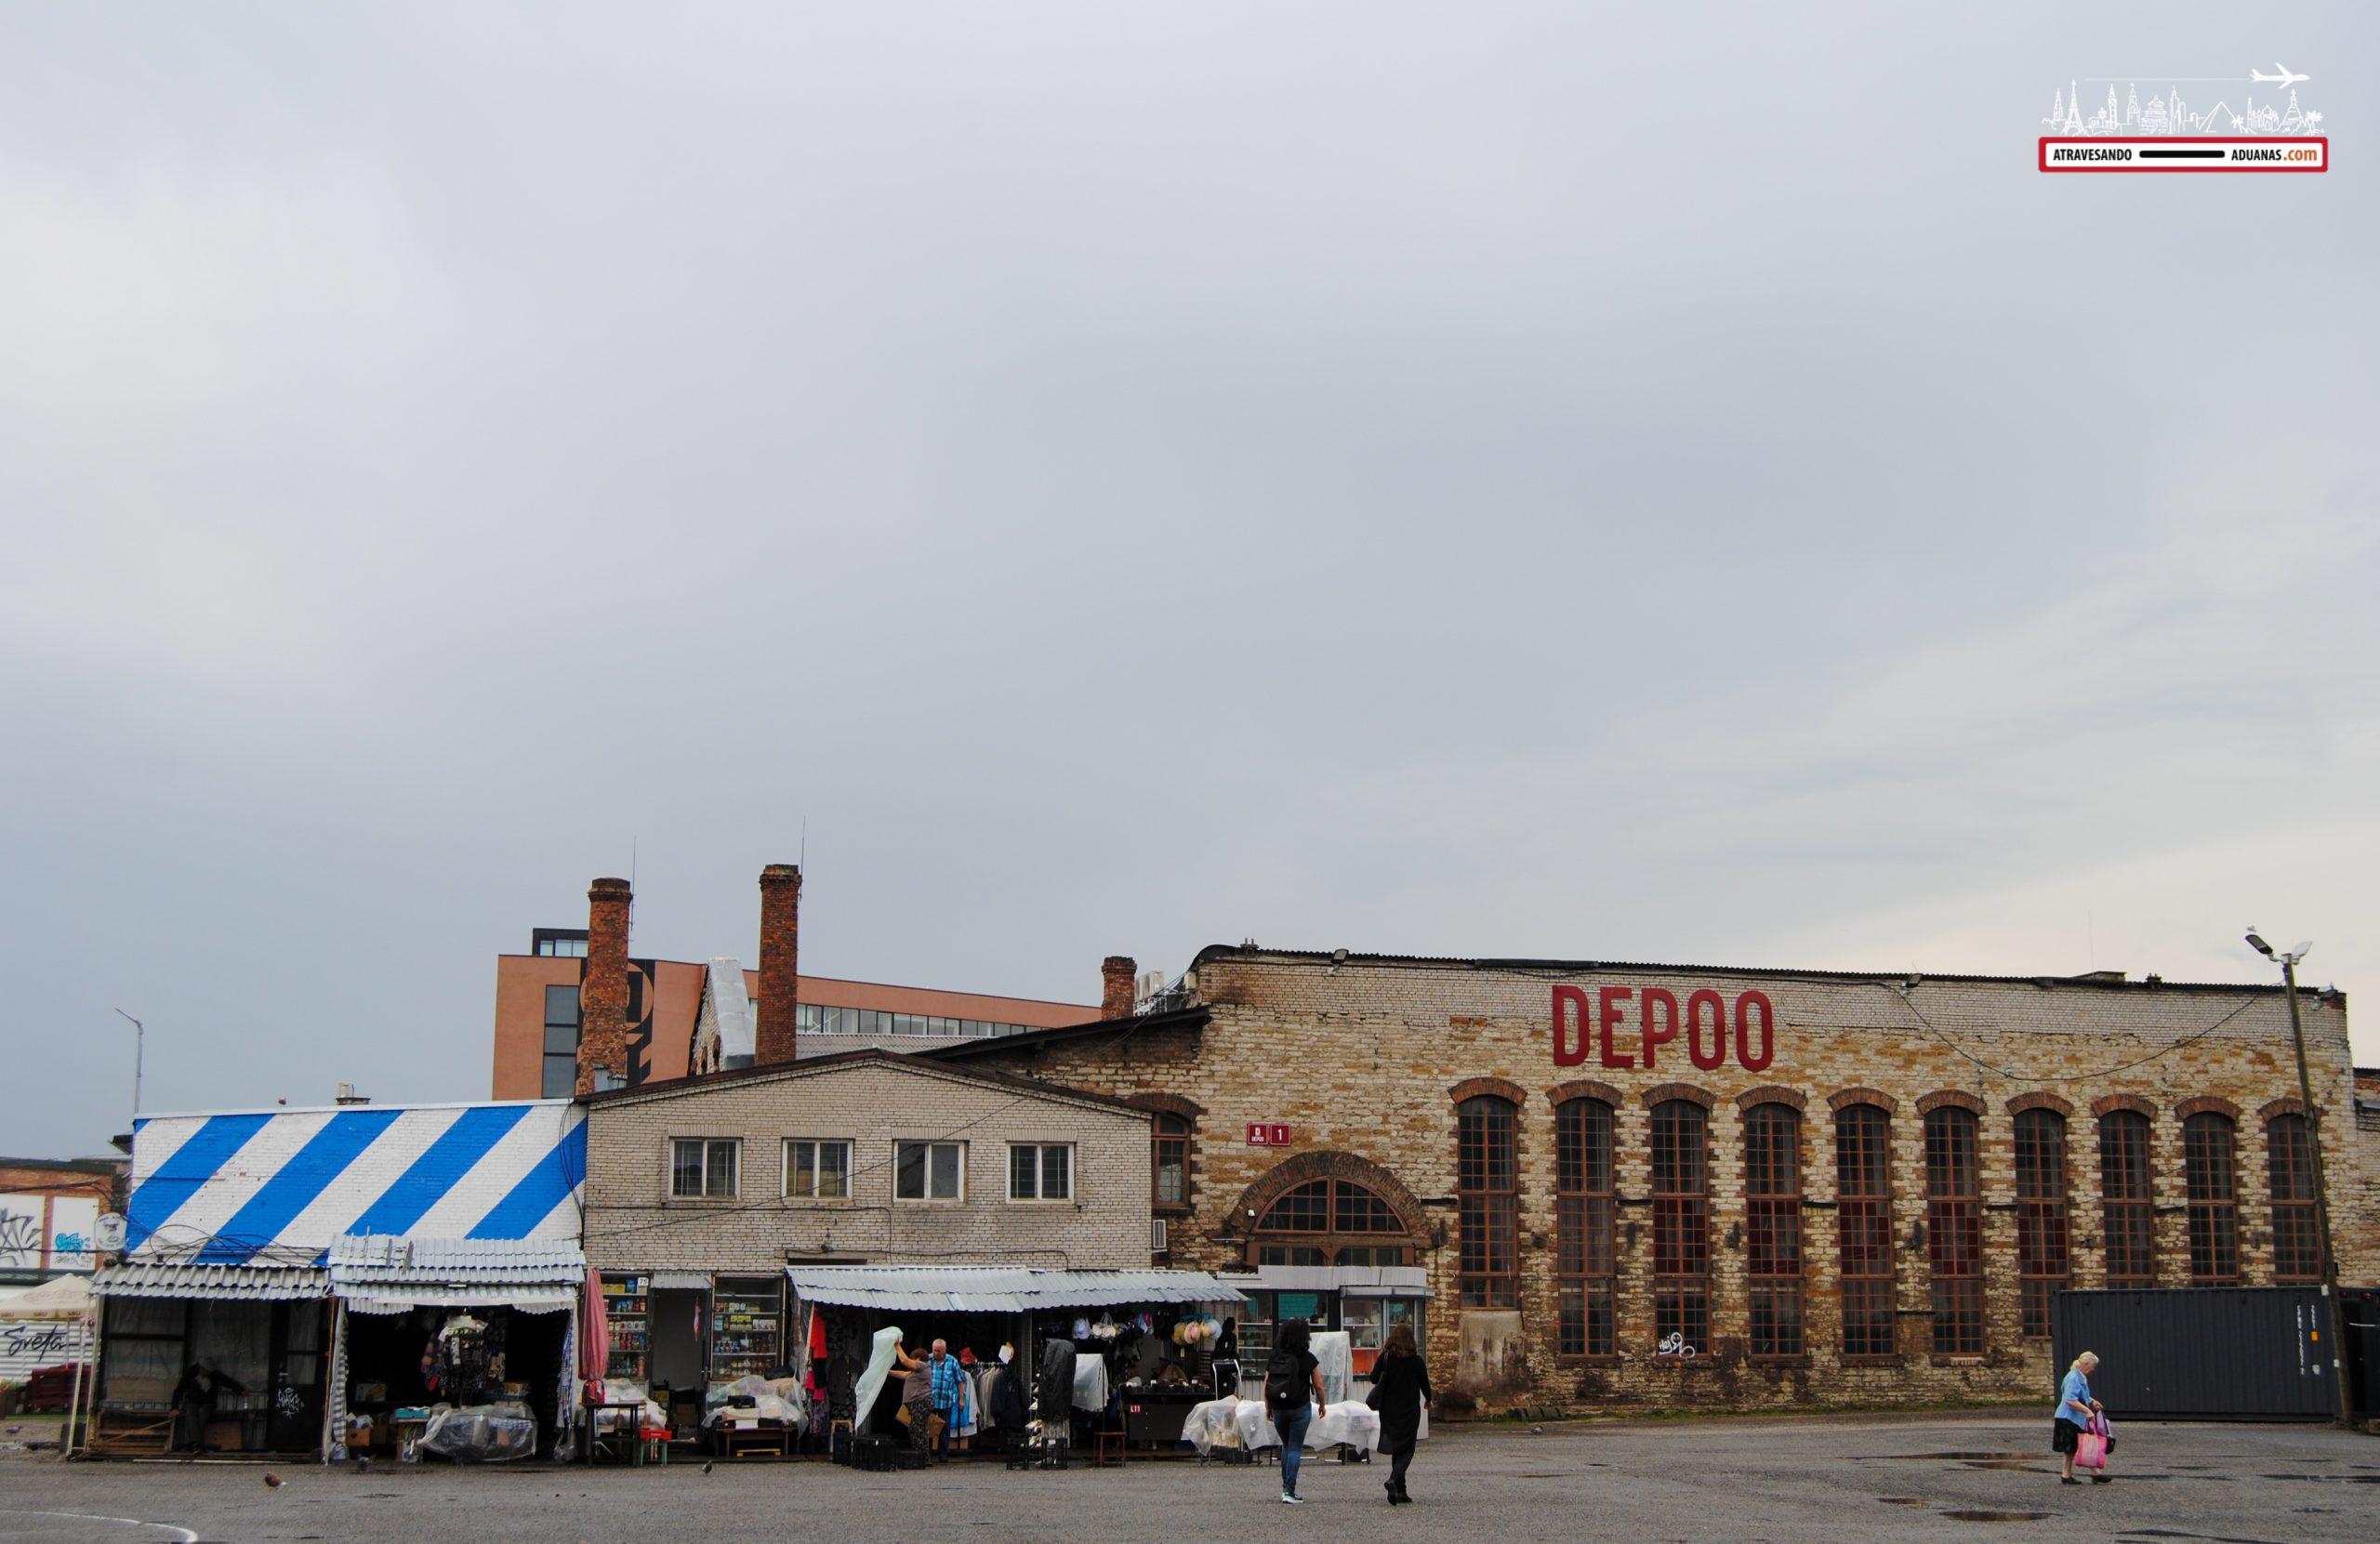 Depoo, Tallinn